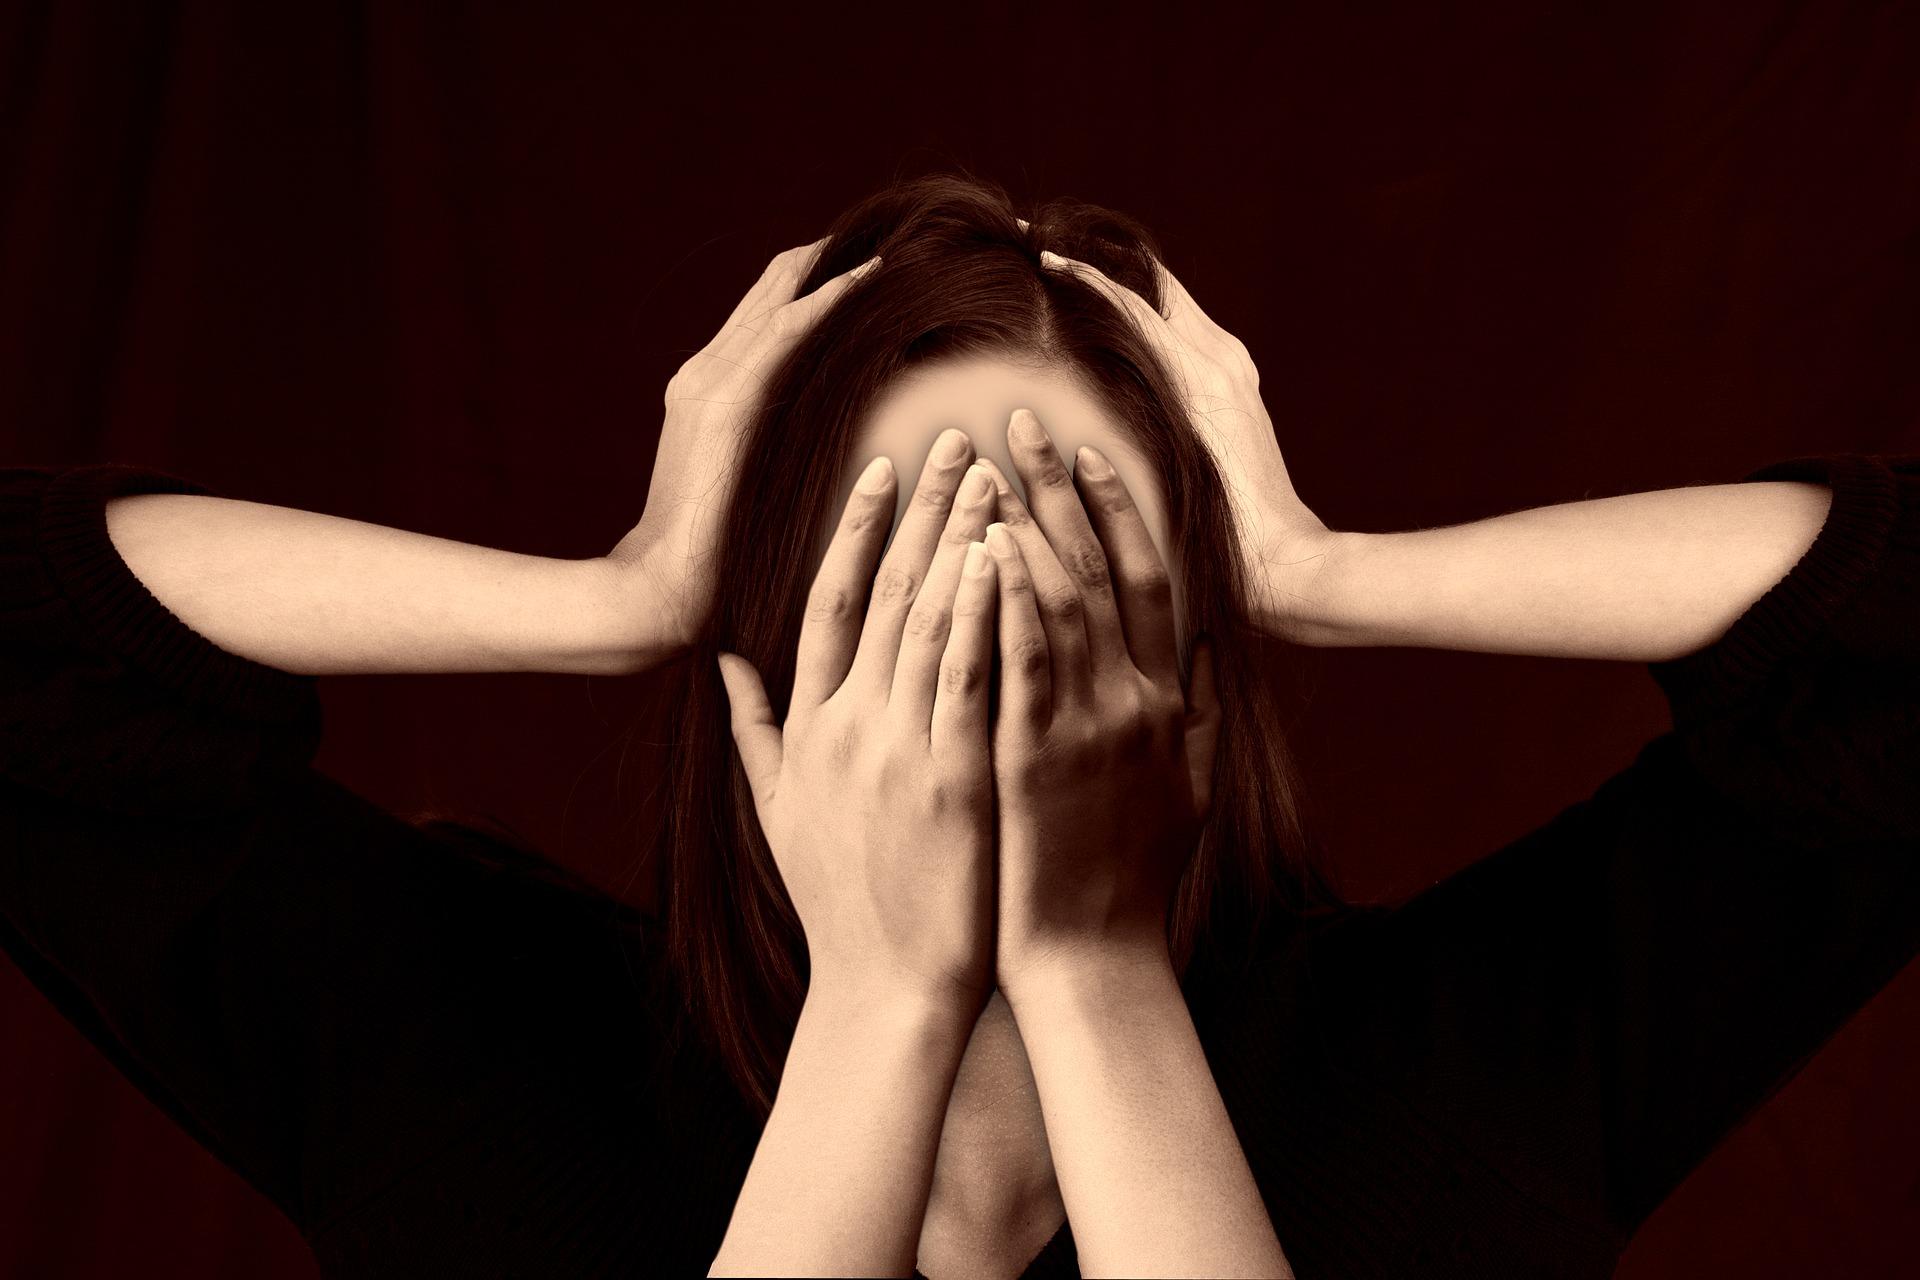 أهم أنواع الاضطرابات النفسية وأعراضها.